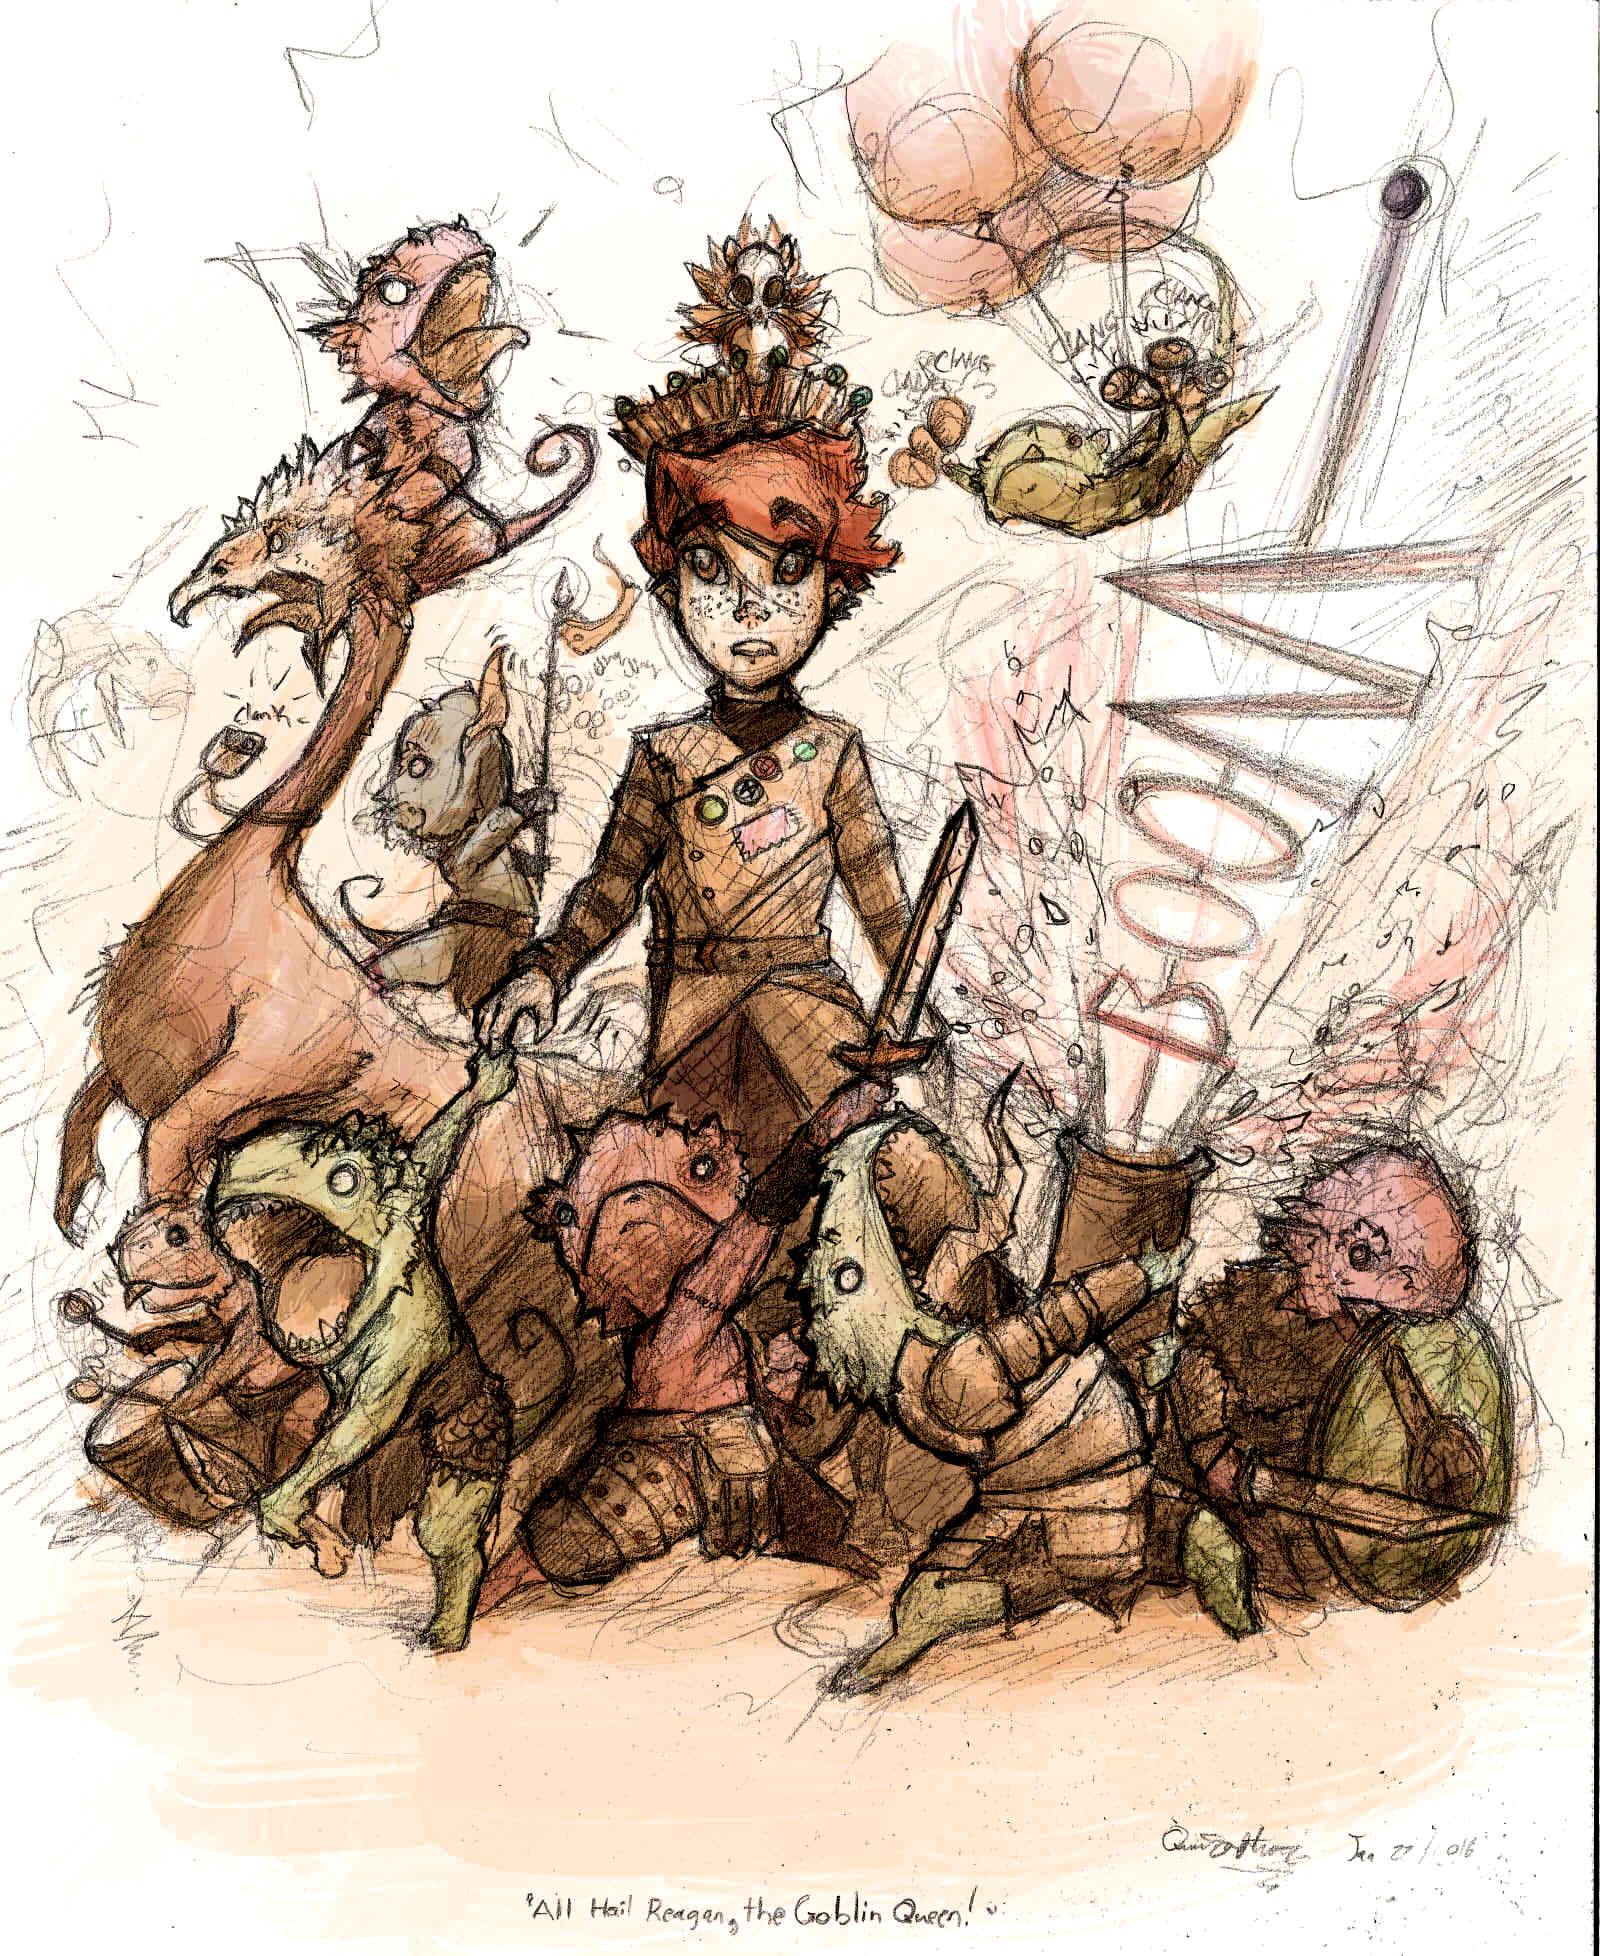 Reagan the goblin queen!